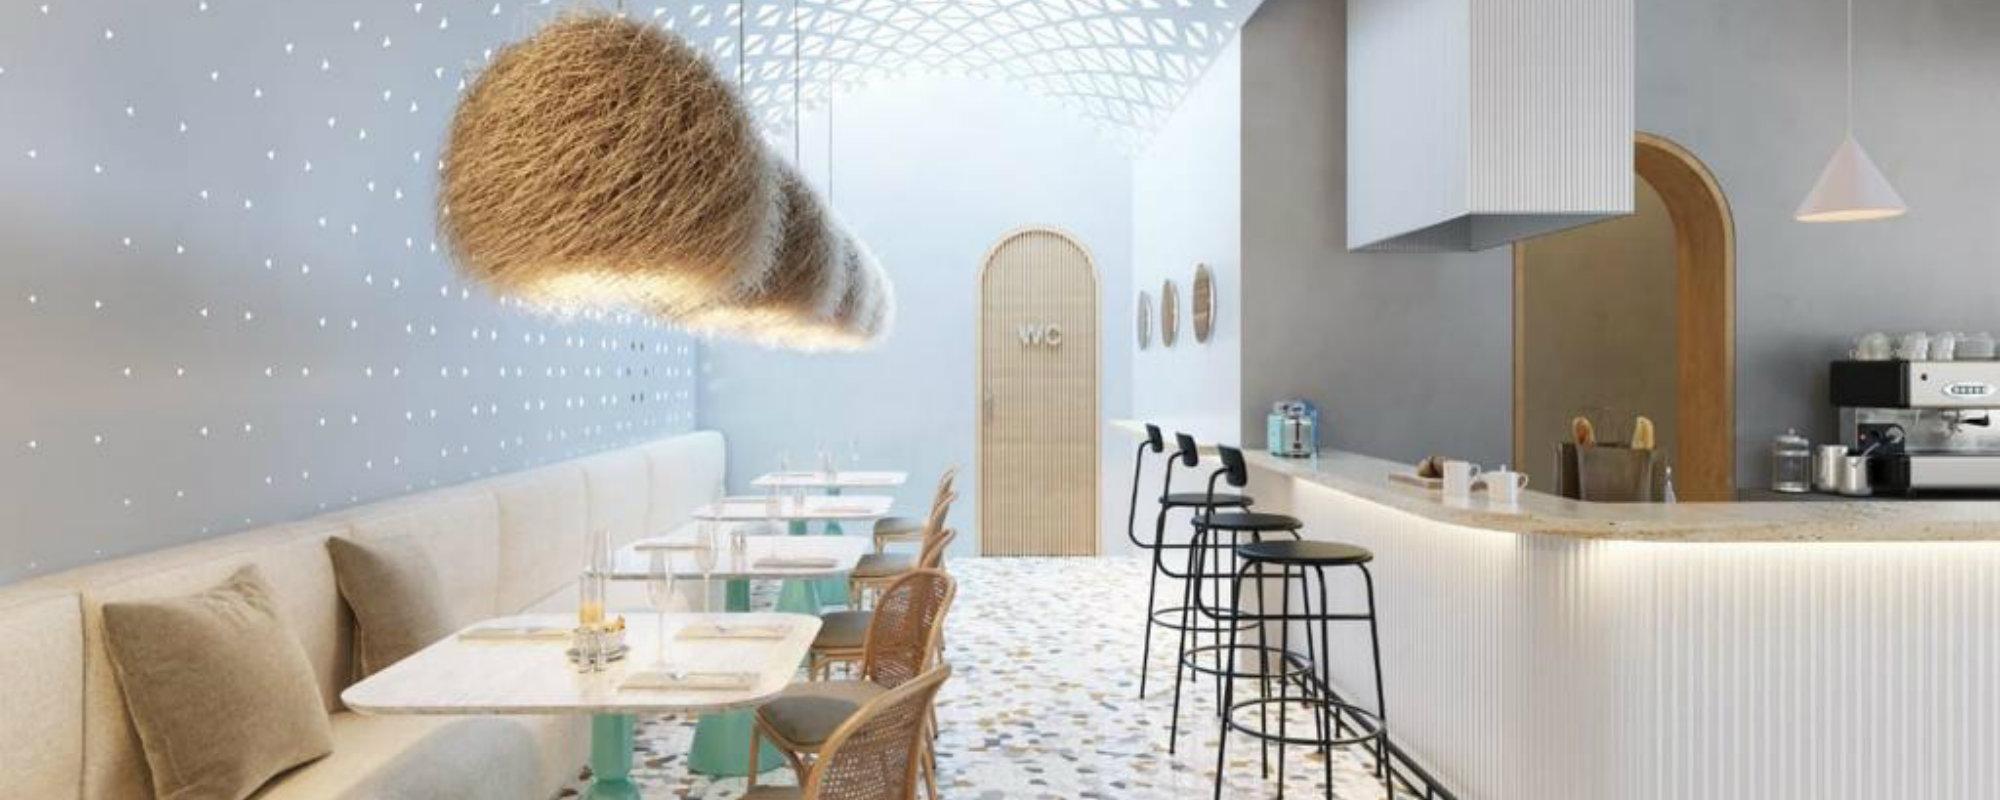 Estudio Alegria: Proyectos de diseño de interiores lujuosos y estupendos en Madrid estudio alegria Estudio Alegria: Proyectos de diseño de interiores lujuosos y estupendos en Madrid Featured 12